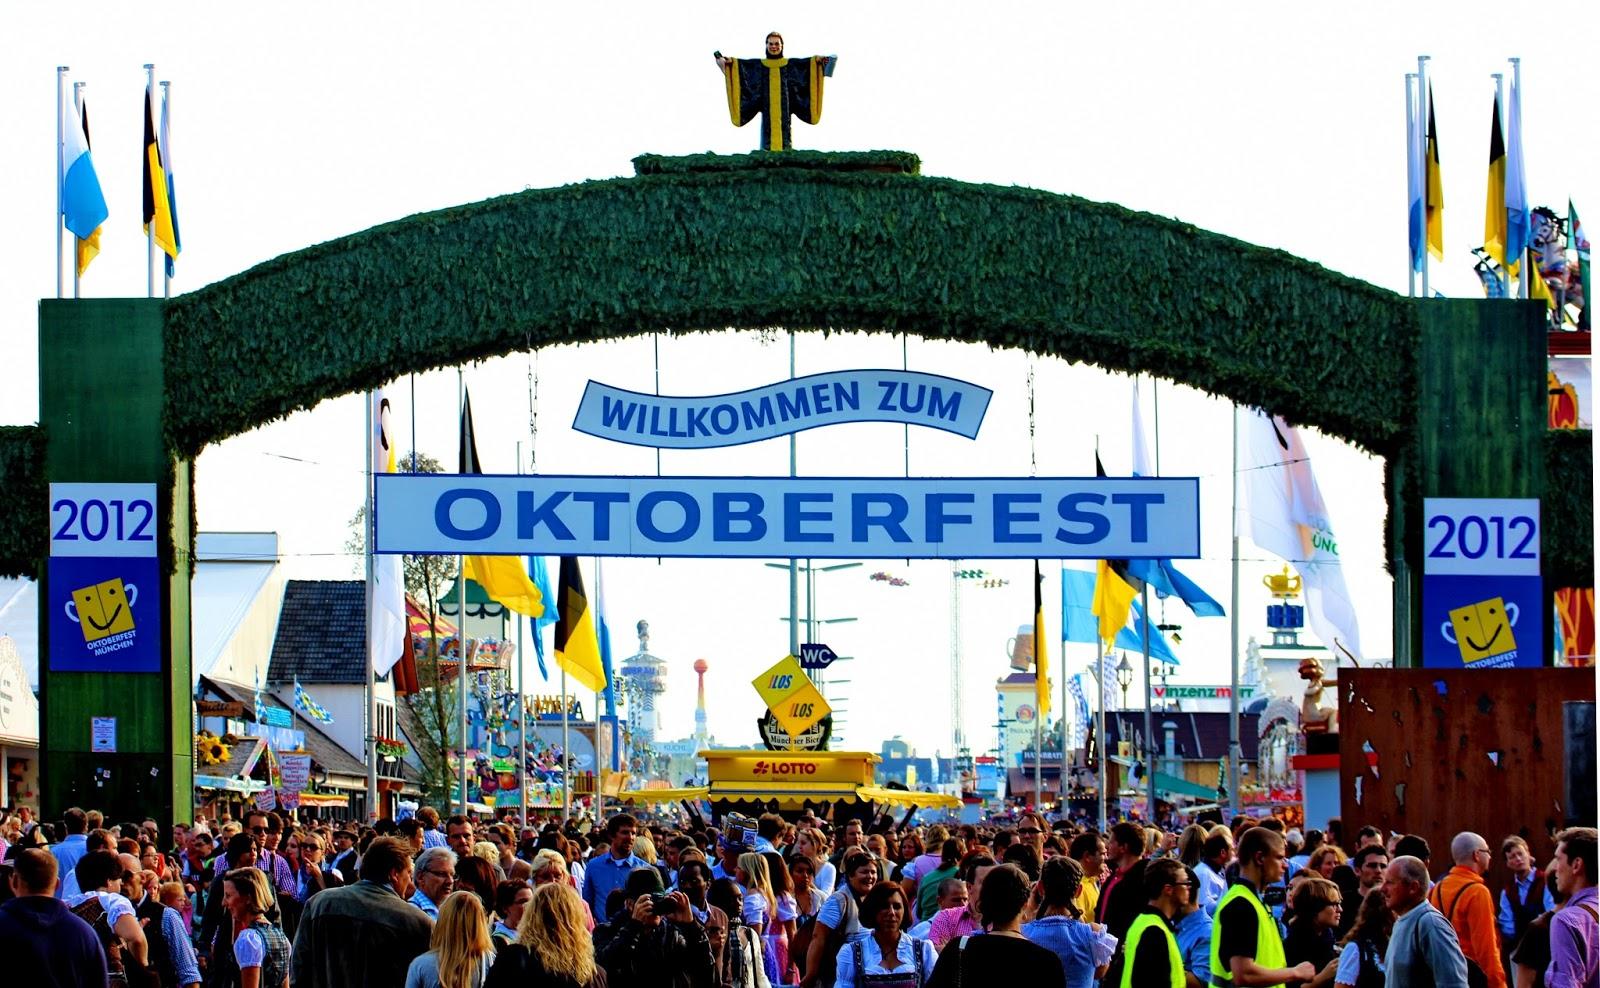 啤酒節又被稱為十月節,時間為9月下旬到10月的第一個周末,為期共16天